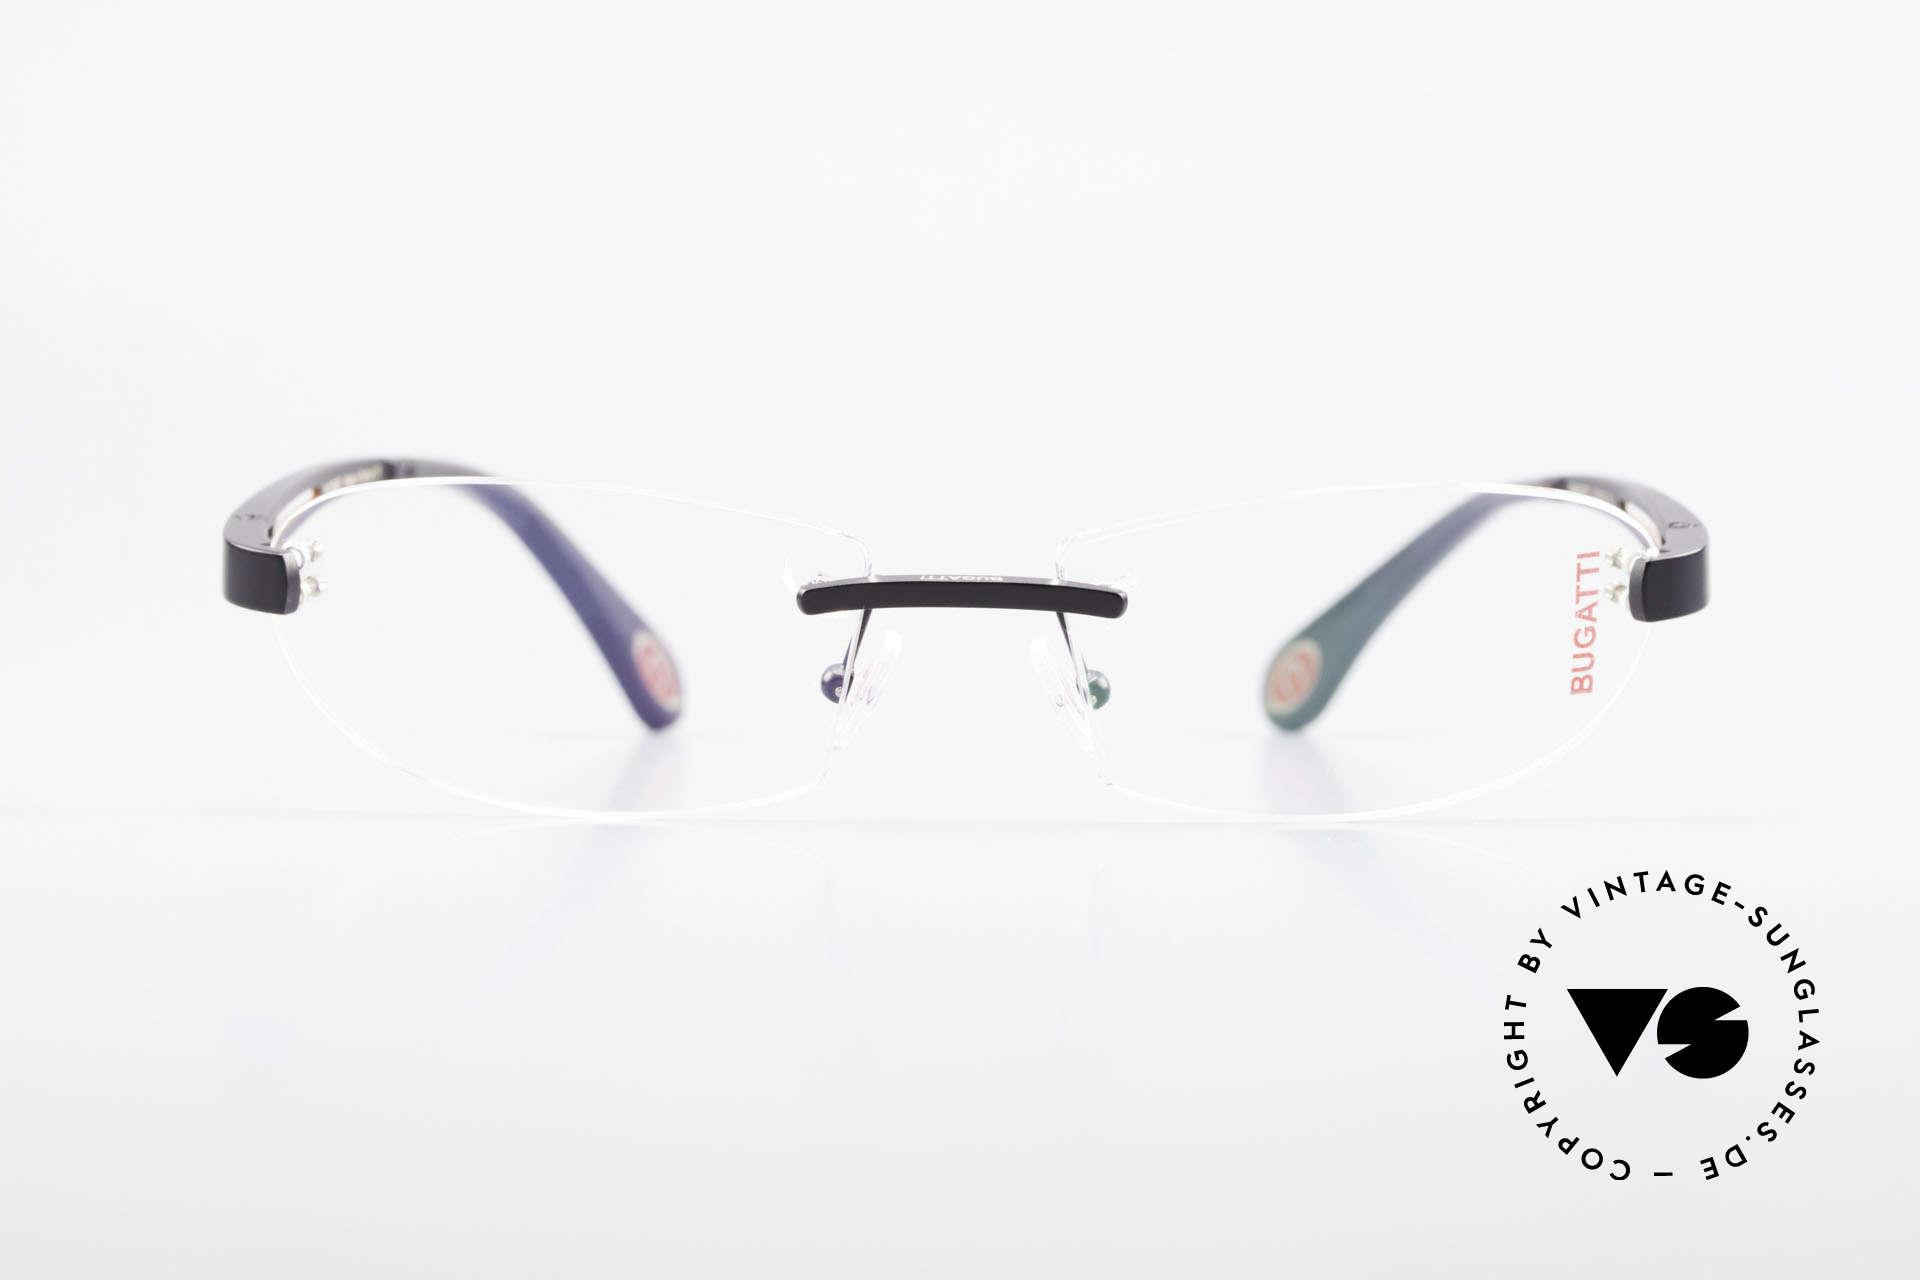 Bugatti 516 Luxury Rimless Glasses Men, sporty frame and lens design ... striking masculine, Made for Men